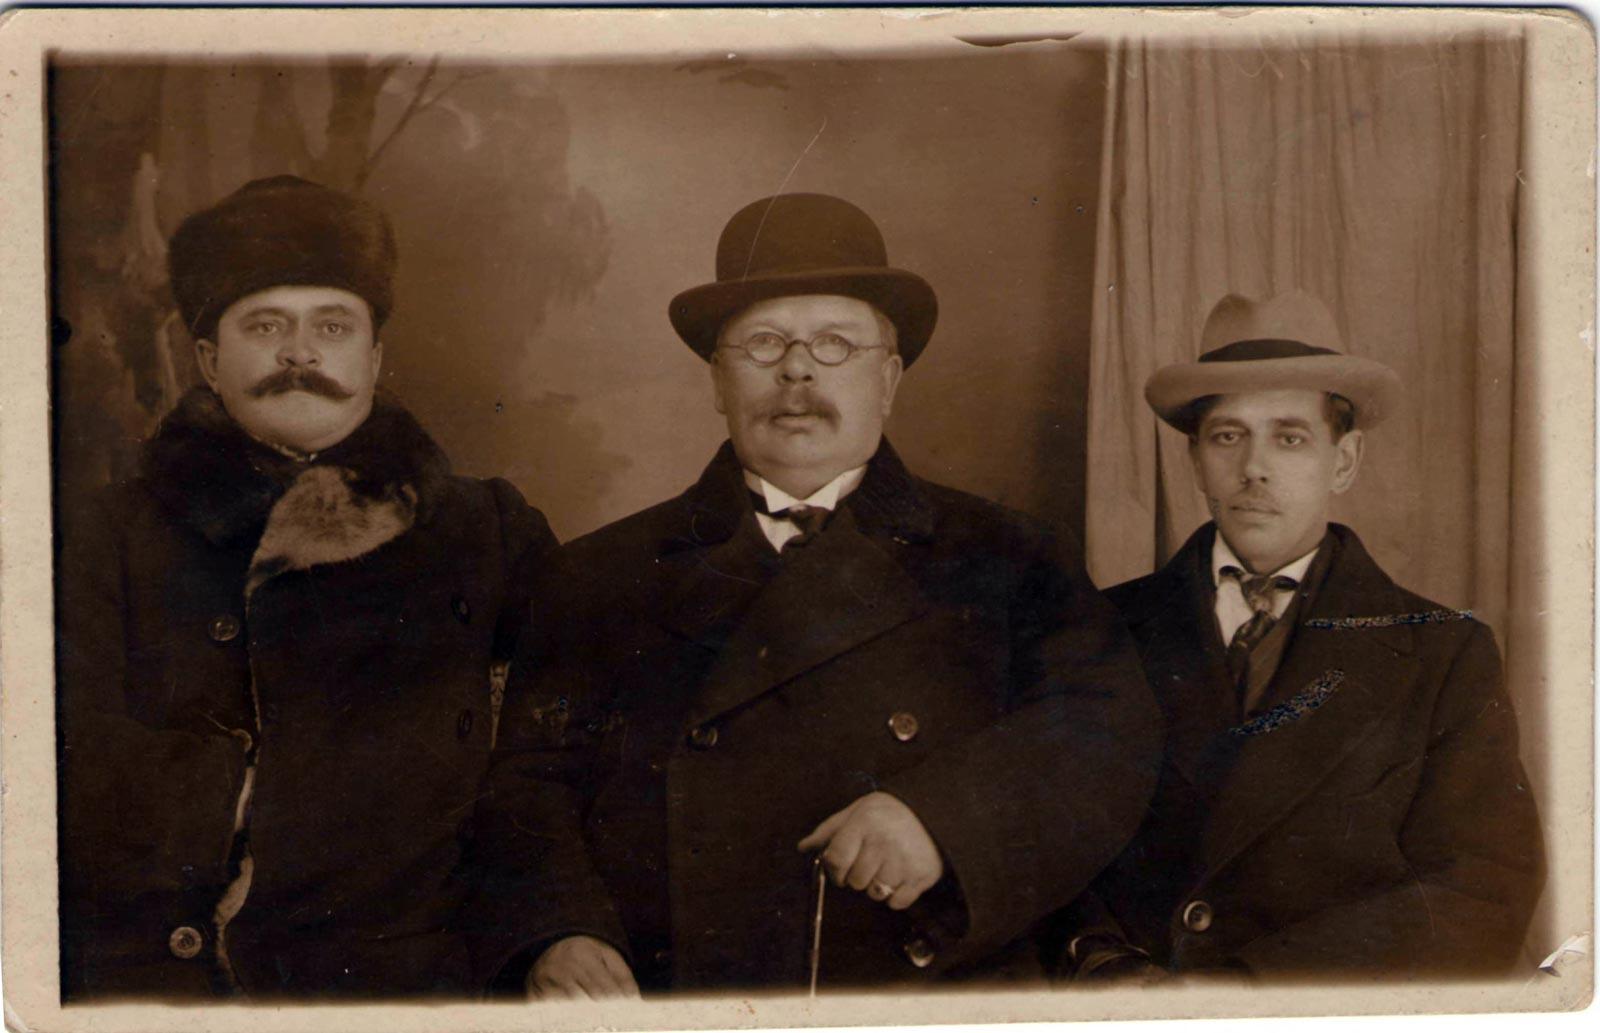 Управа Петропавловска отчитывалась о тратах казны до революции